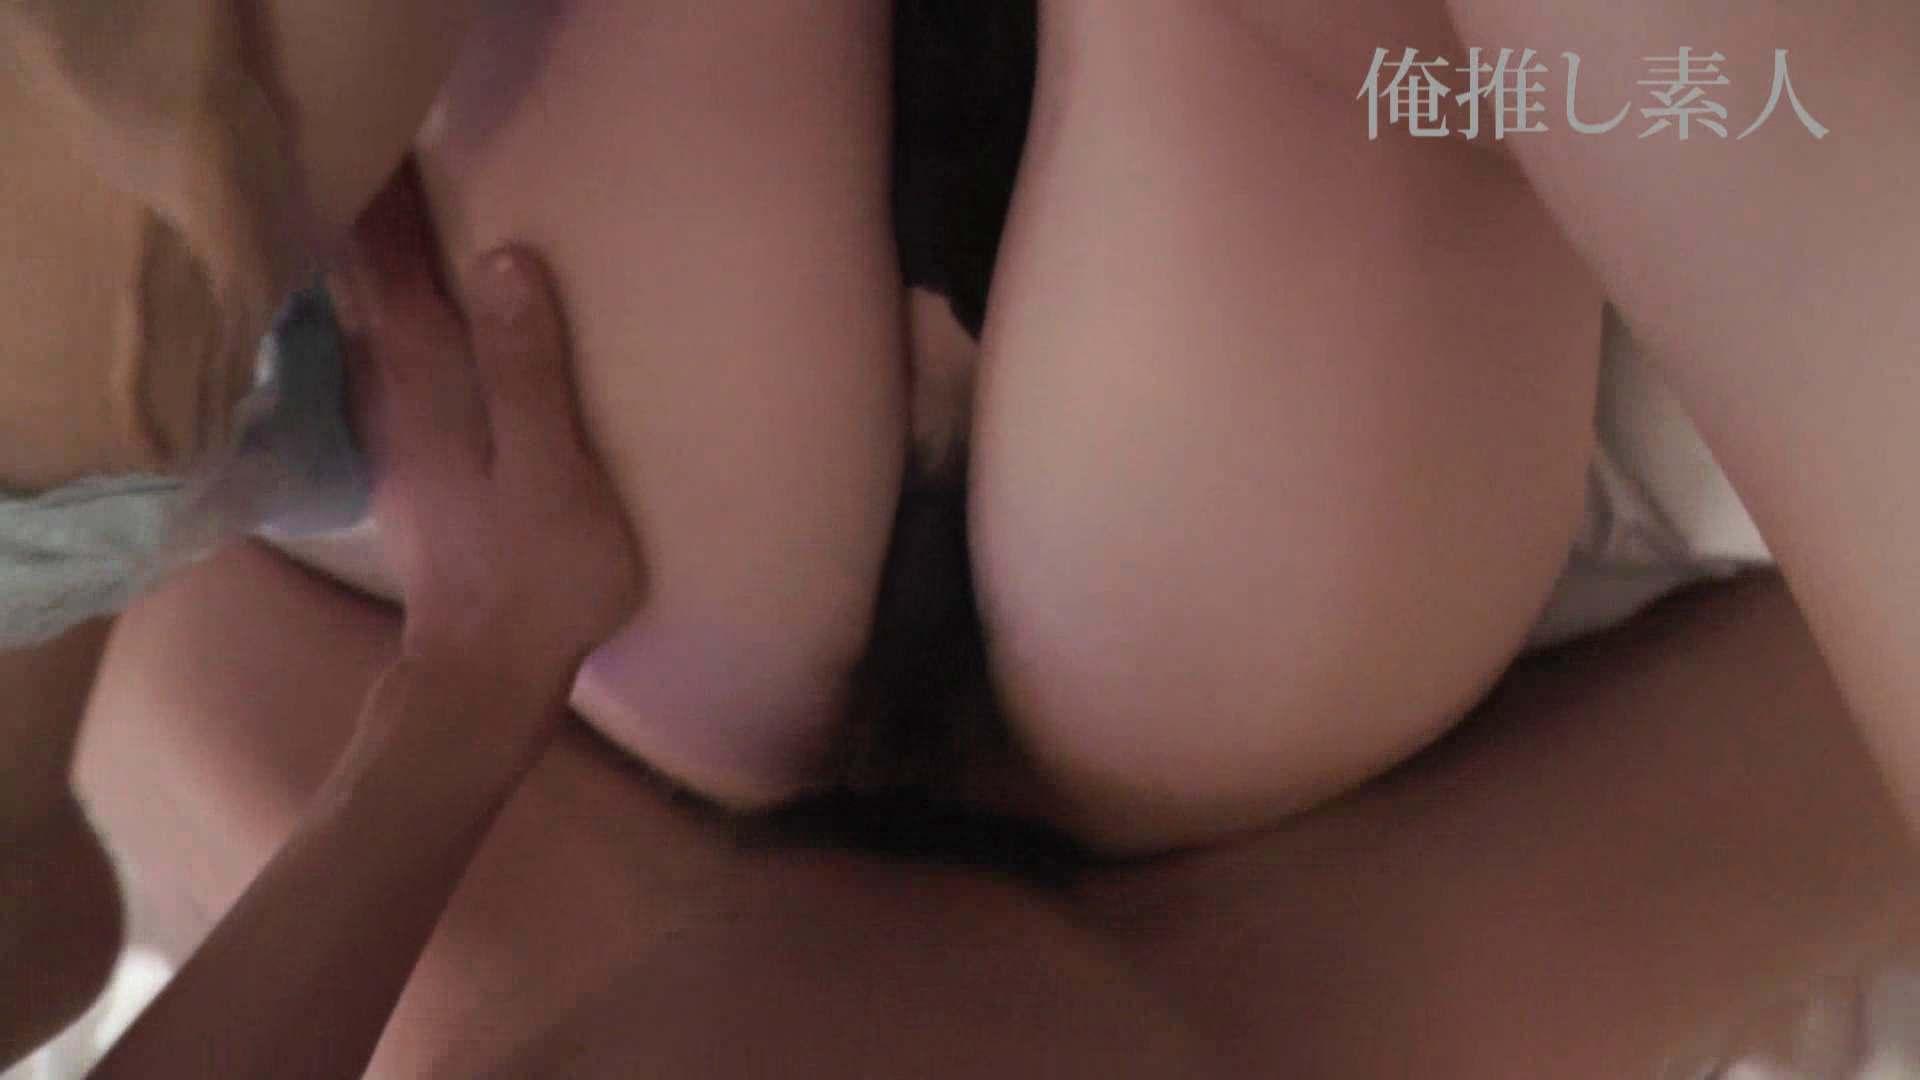 俺推し素人 キャバクラ嬢26歳久美vol3 投稿映像 セックス画像 93pic 76